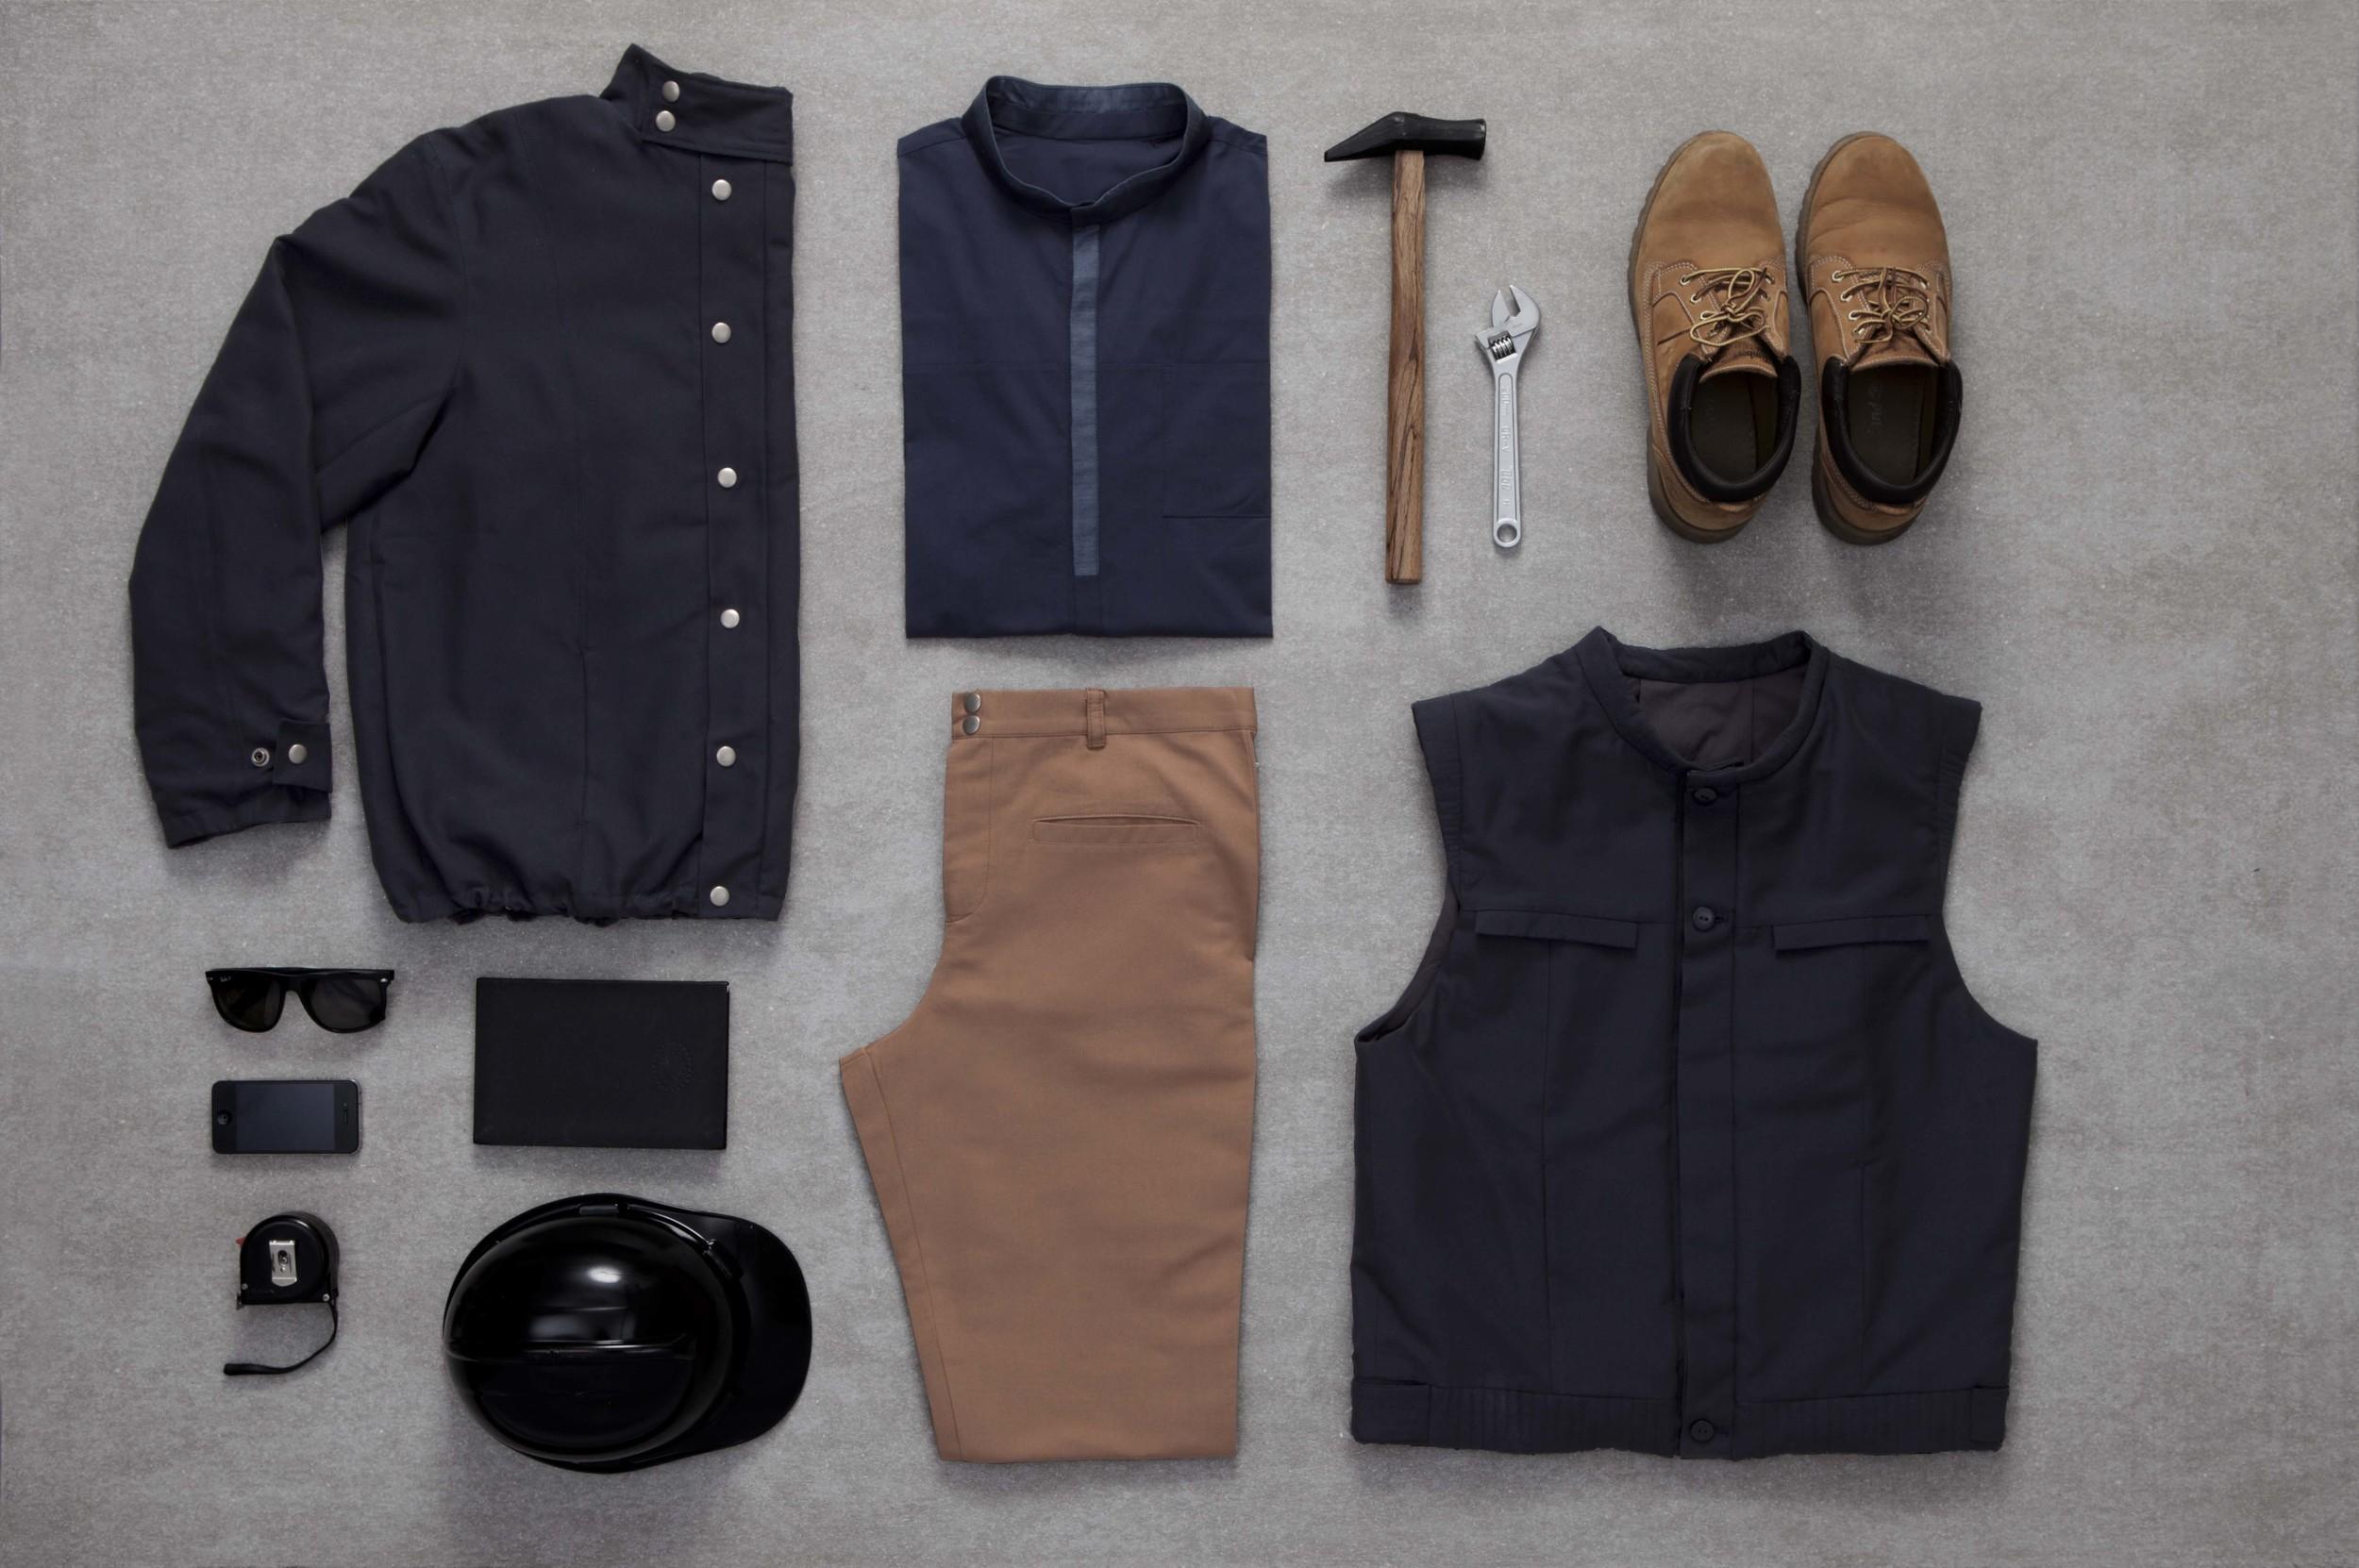 aw uniform design